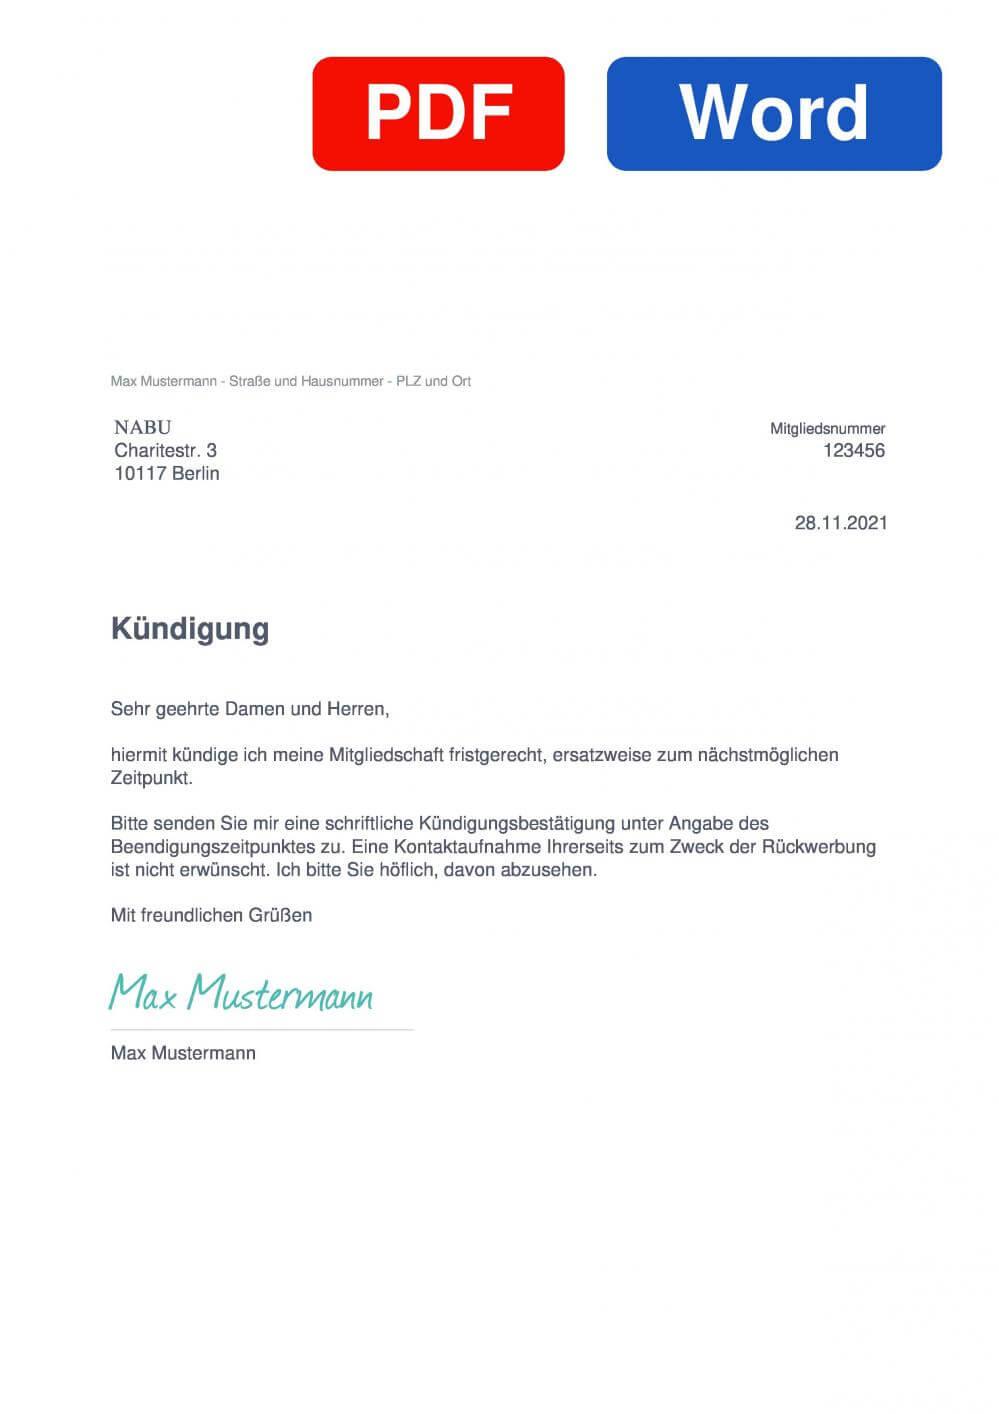 NABU Muster Vorlage für Kündigungsschreiben